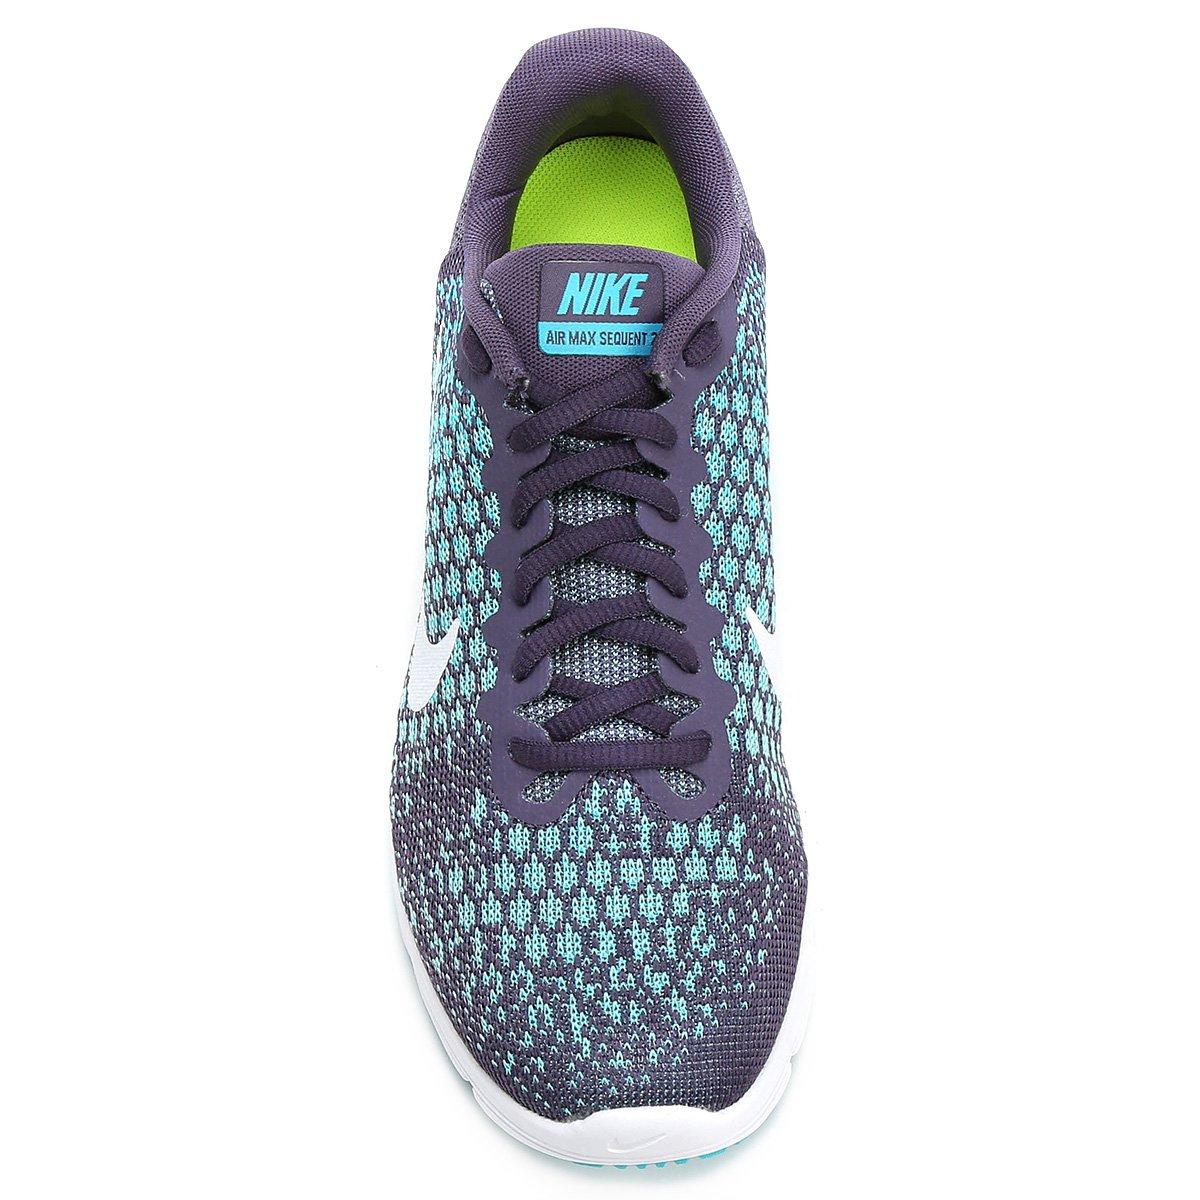 Tênis Nike Air Max Sequent 2 Feminino - Roxo e Azul - Compre Agora ... 2699f4119cc0c